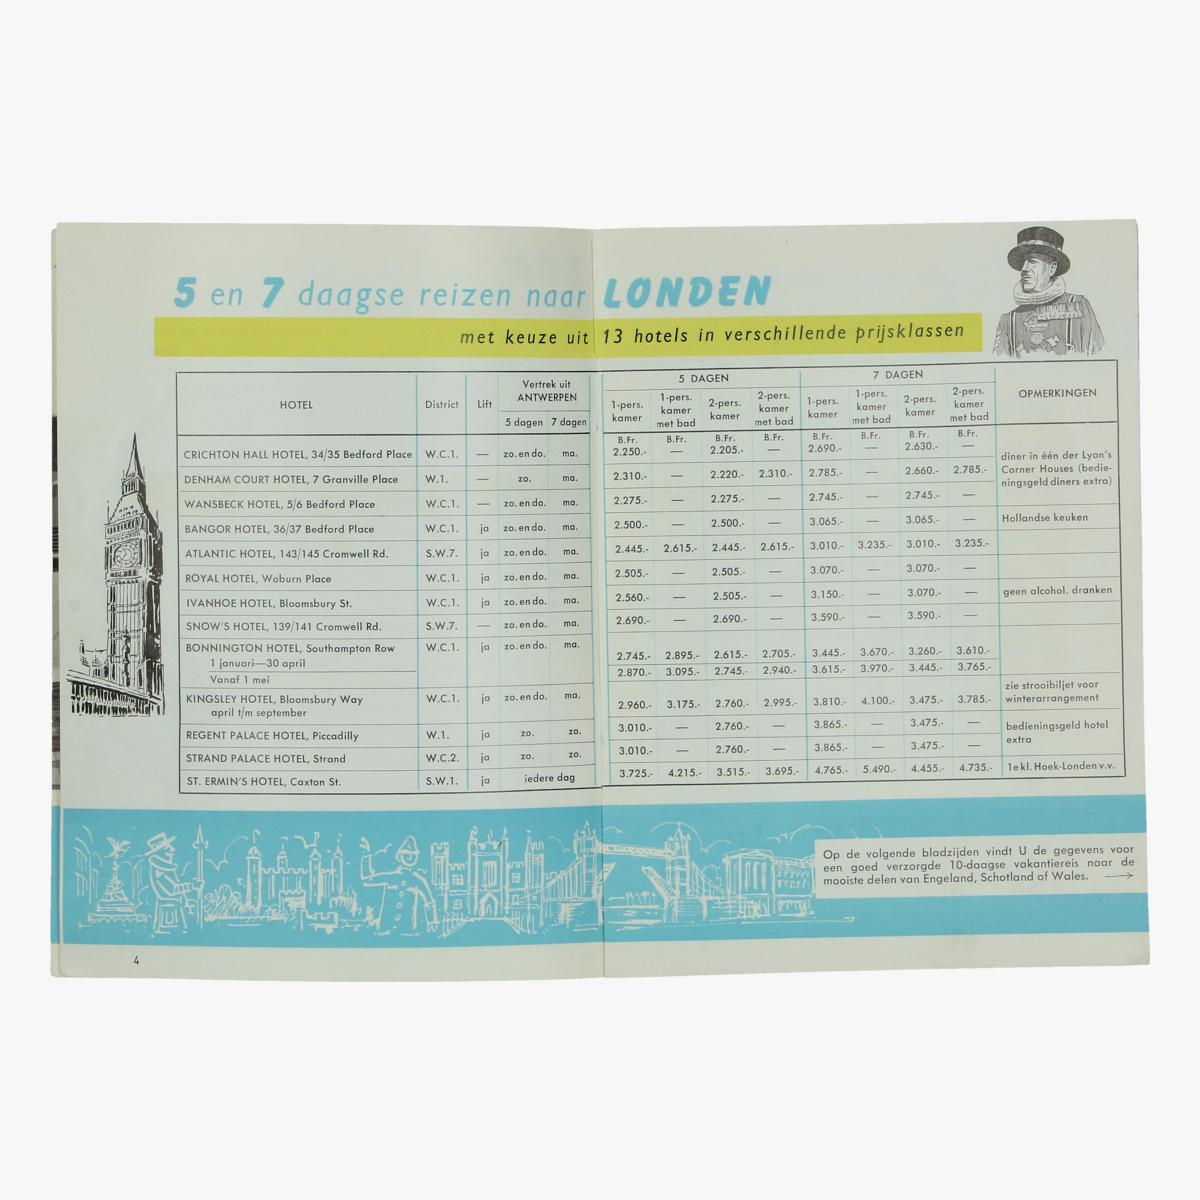 Afbeeldingen van expo 58 folder hotelreizen naar engeland 1958, reisbureau wirtz, antwerpen